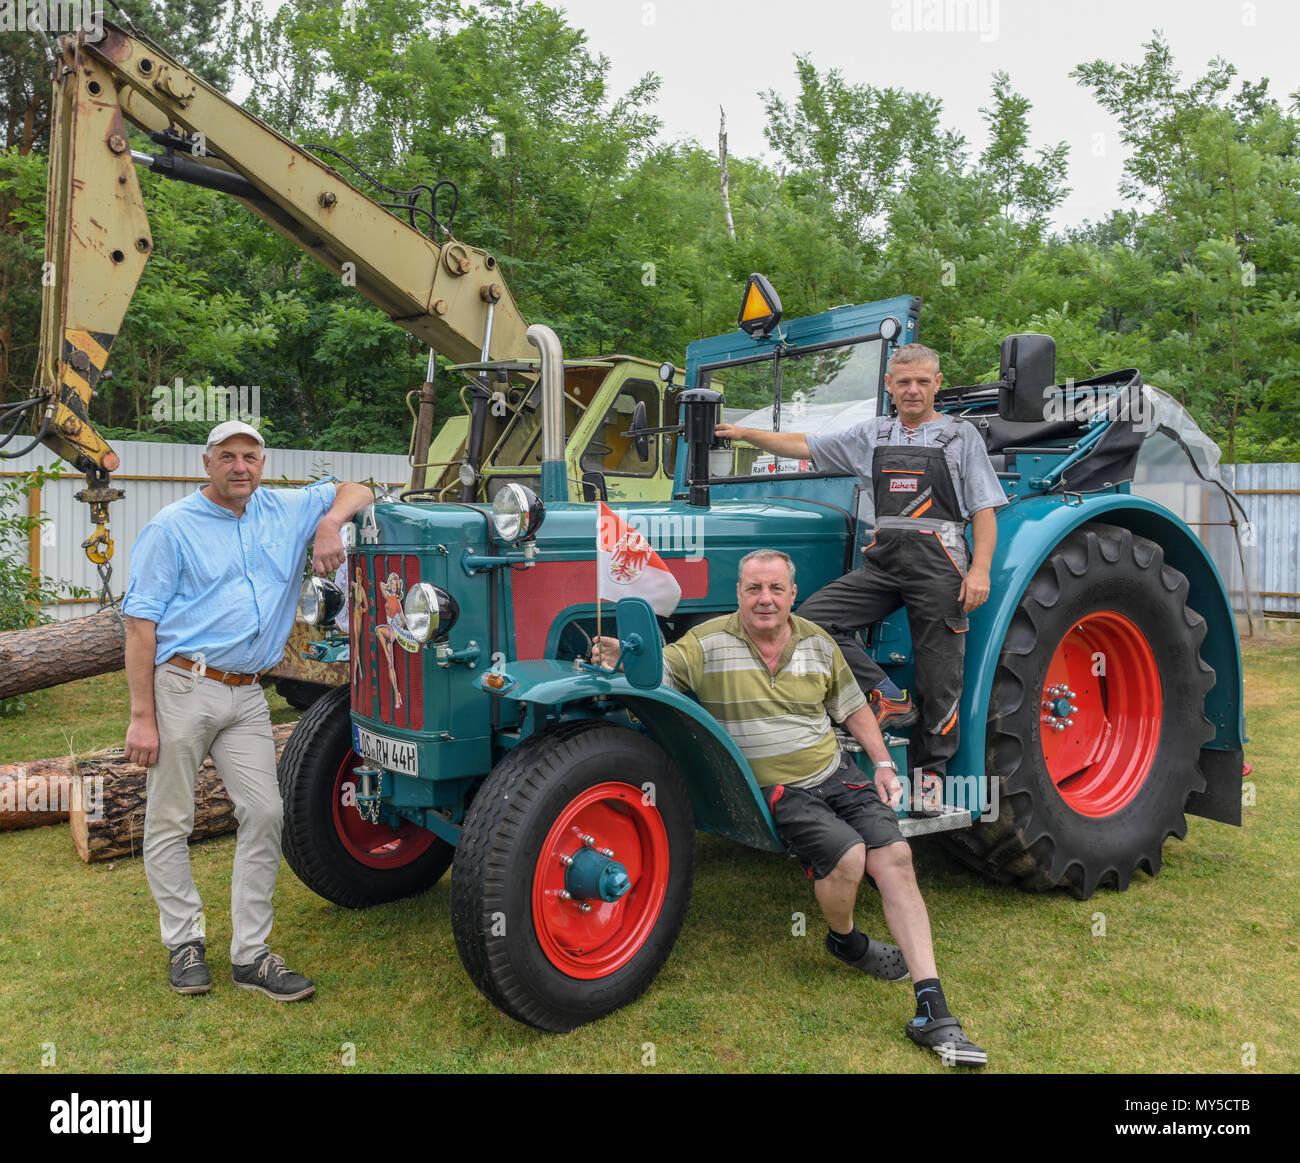 05 juin 2018, l'Allemagne, Philadelphie: Holger Ackermann, (de gauche à droite) bee-keeper et maire de Schauen brut, Ralf Ralf et Tamzow Wittke de la Verein e.V. ('Schlepperfreunde Philadelphie Philadelphie Tracteur Club des Amis d') sur un vieux tracteur robuste 626 800 à partir de l'année 1965. Le Club a un penchant pour les vieilles machines agricoles. En fonction de l'expérience antérieure, de nombreux visiteurs se joindra alors de nouveau sur la sortie de Brandebourg. Photo: Patrick Pleul/dpa-Zentralbild/ZB Photo Stock